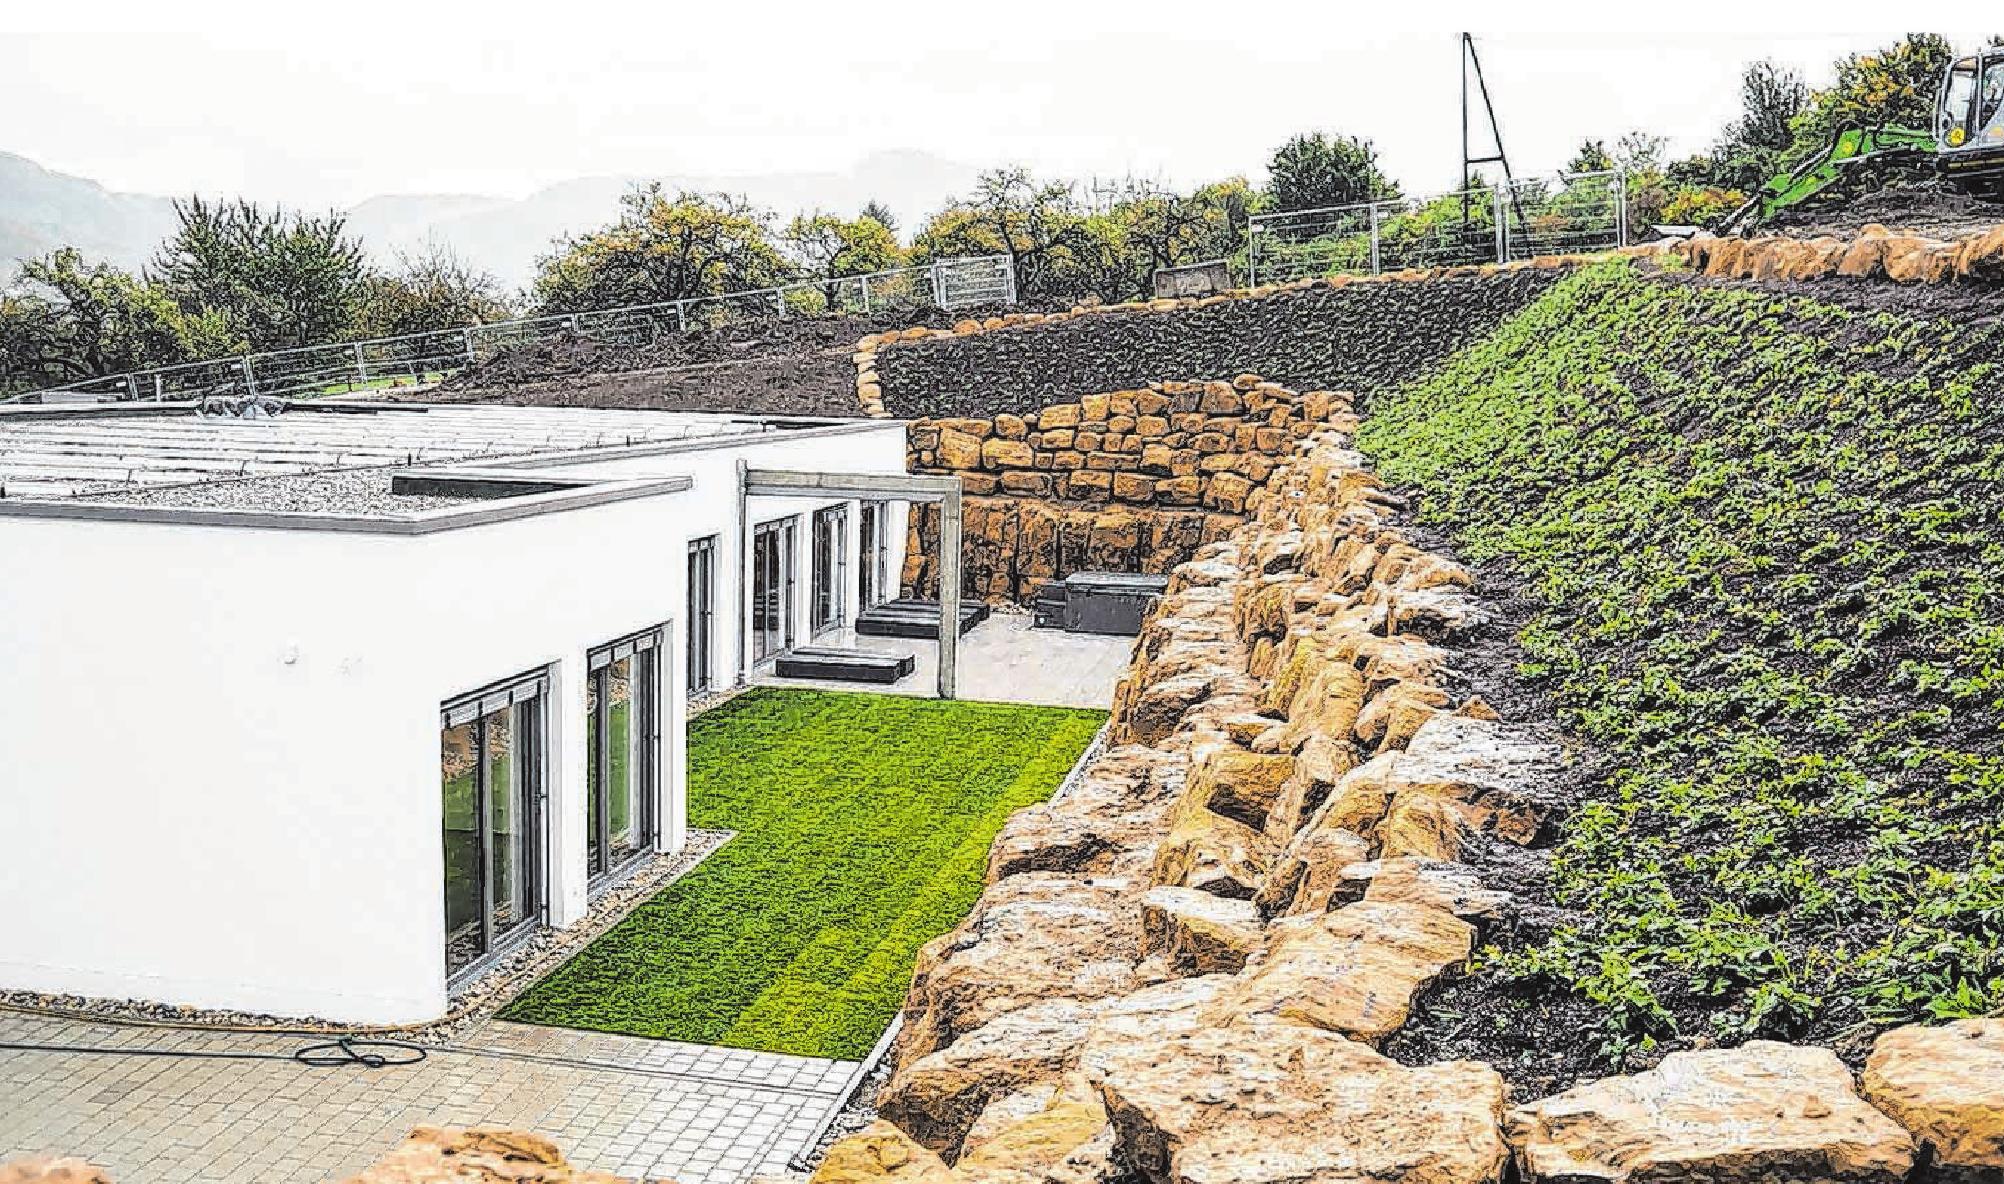 """""""Paruls Wellness & Beauty"""" öffnet am Wochenende seine Türen. Der Neubau schmiegt sich an den Hang, die aufragenden Steinmauern im Außenbereich sind als Felsengarten gestaltet. Foto: Nadine Wilmanns"""